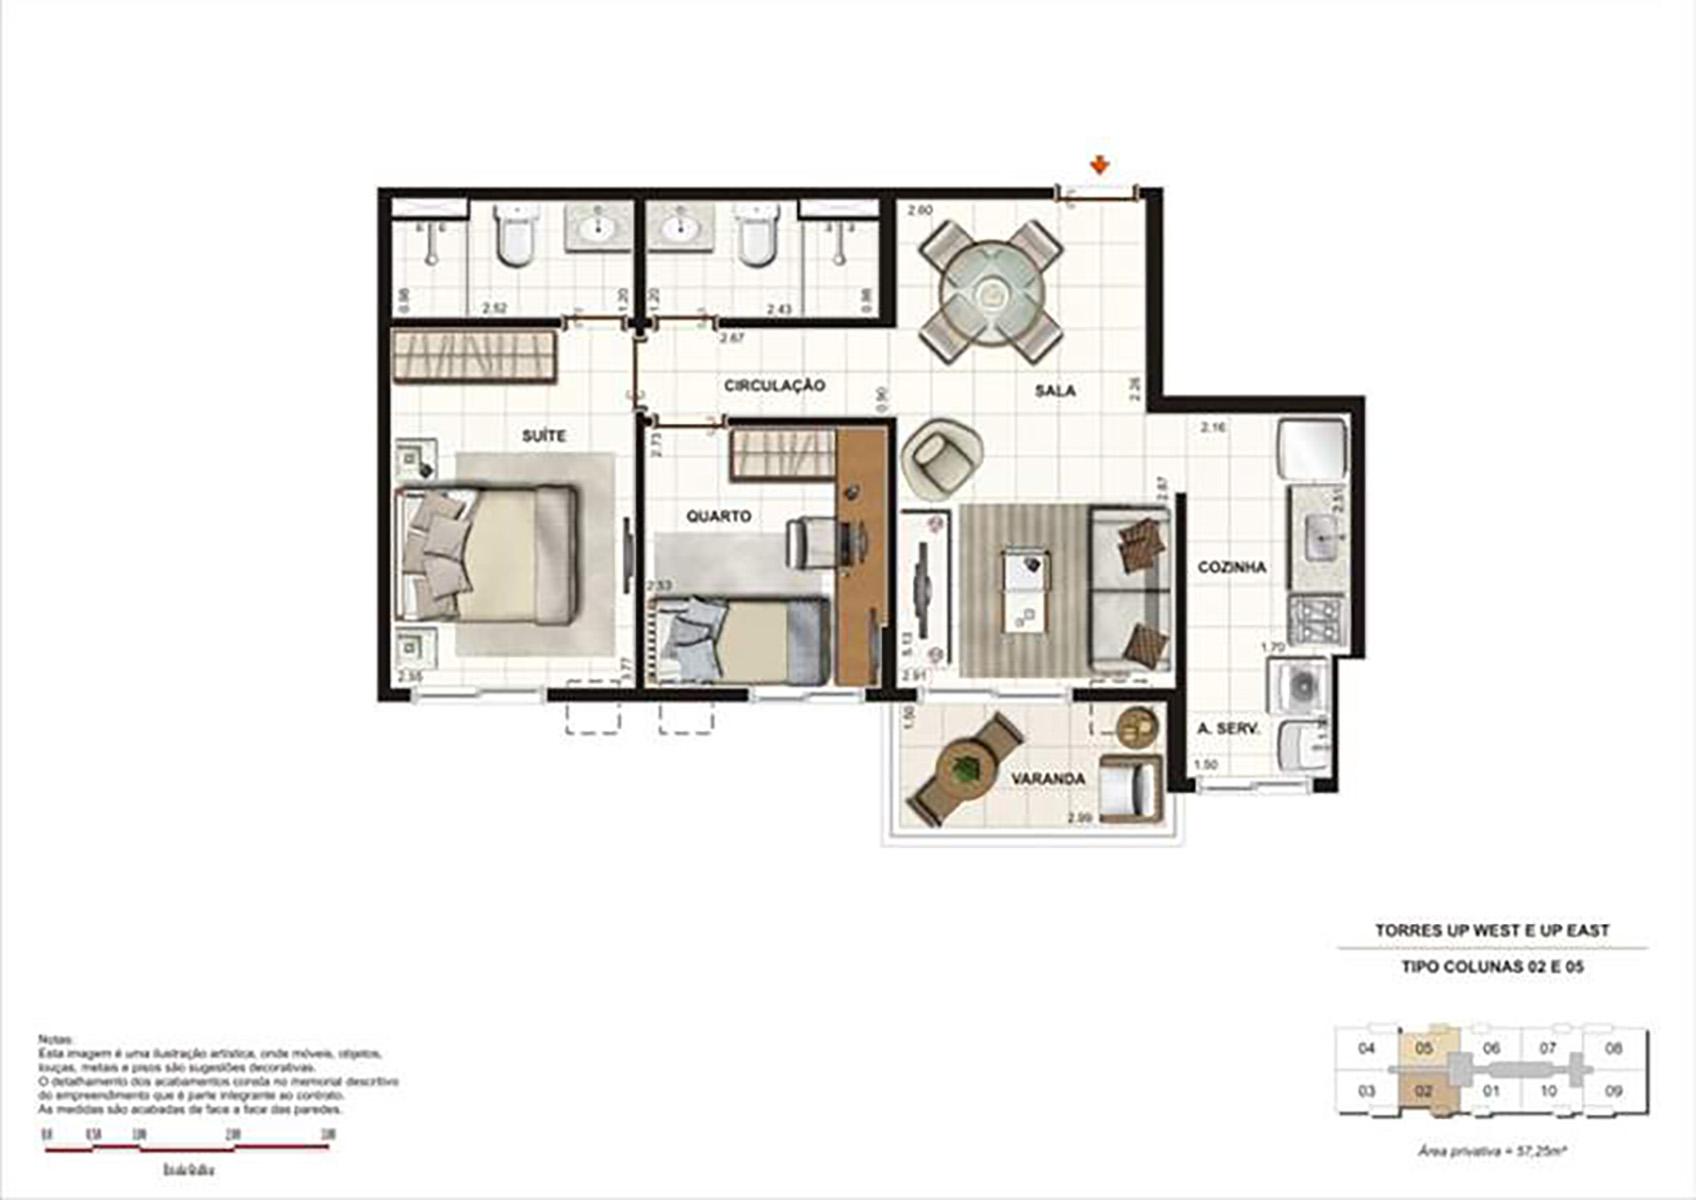 Ilustração Artística da Planta 57 m² tipo 1 Up Residence